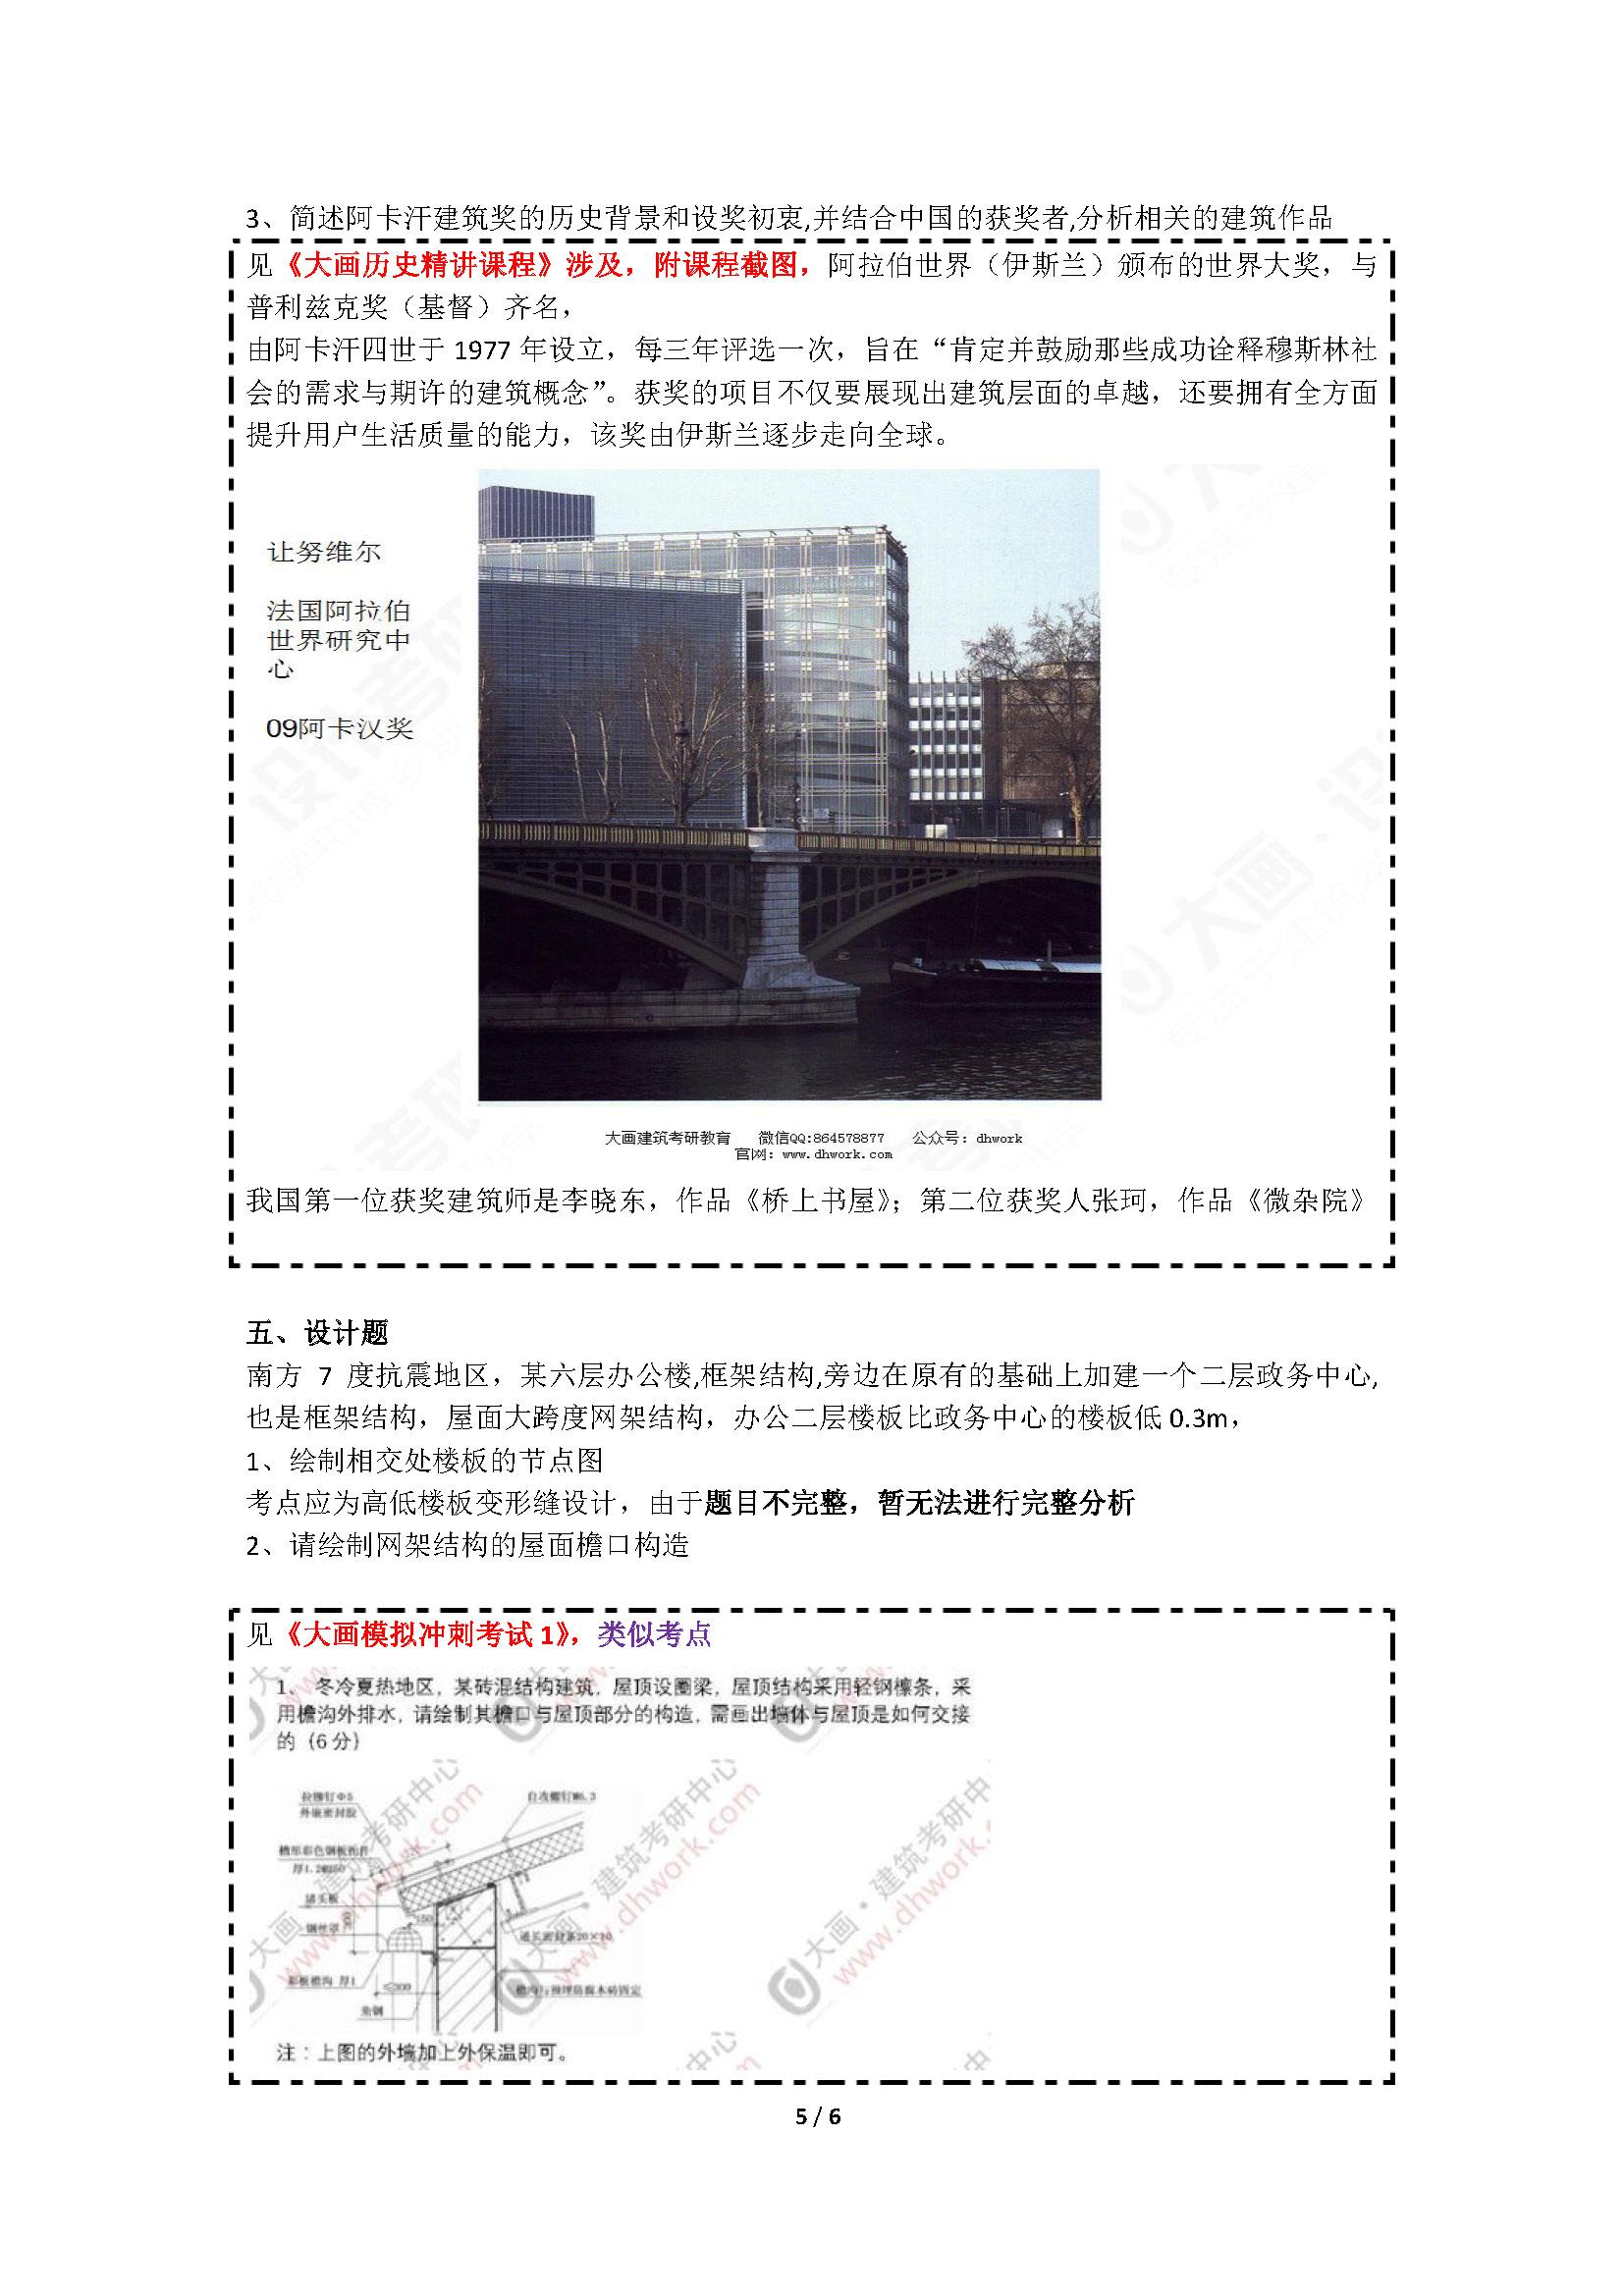 2018湖大综合真题 _页面_5.jpg